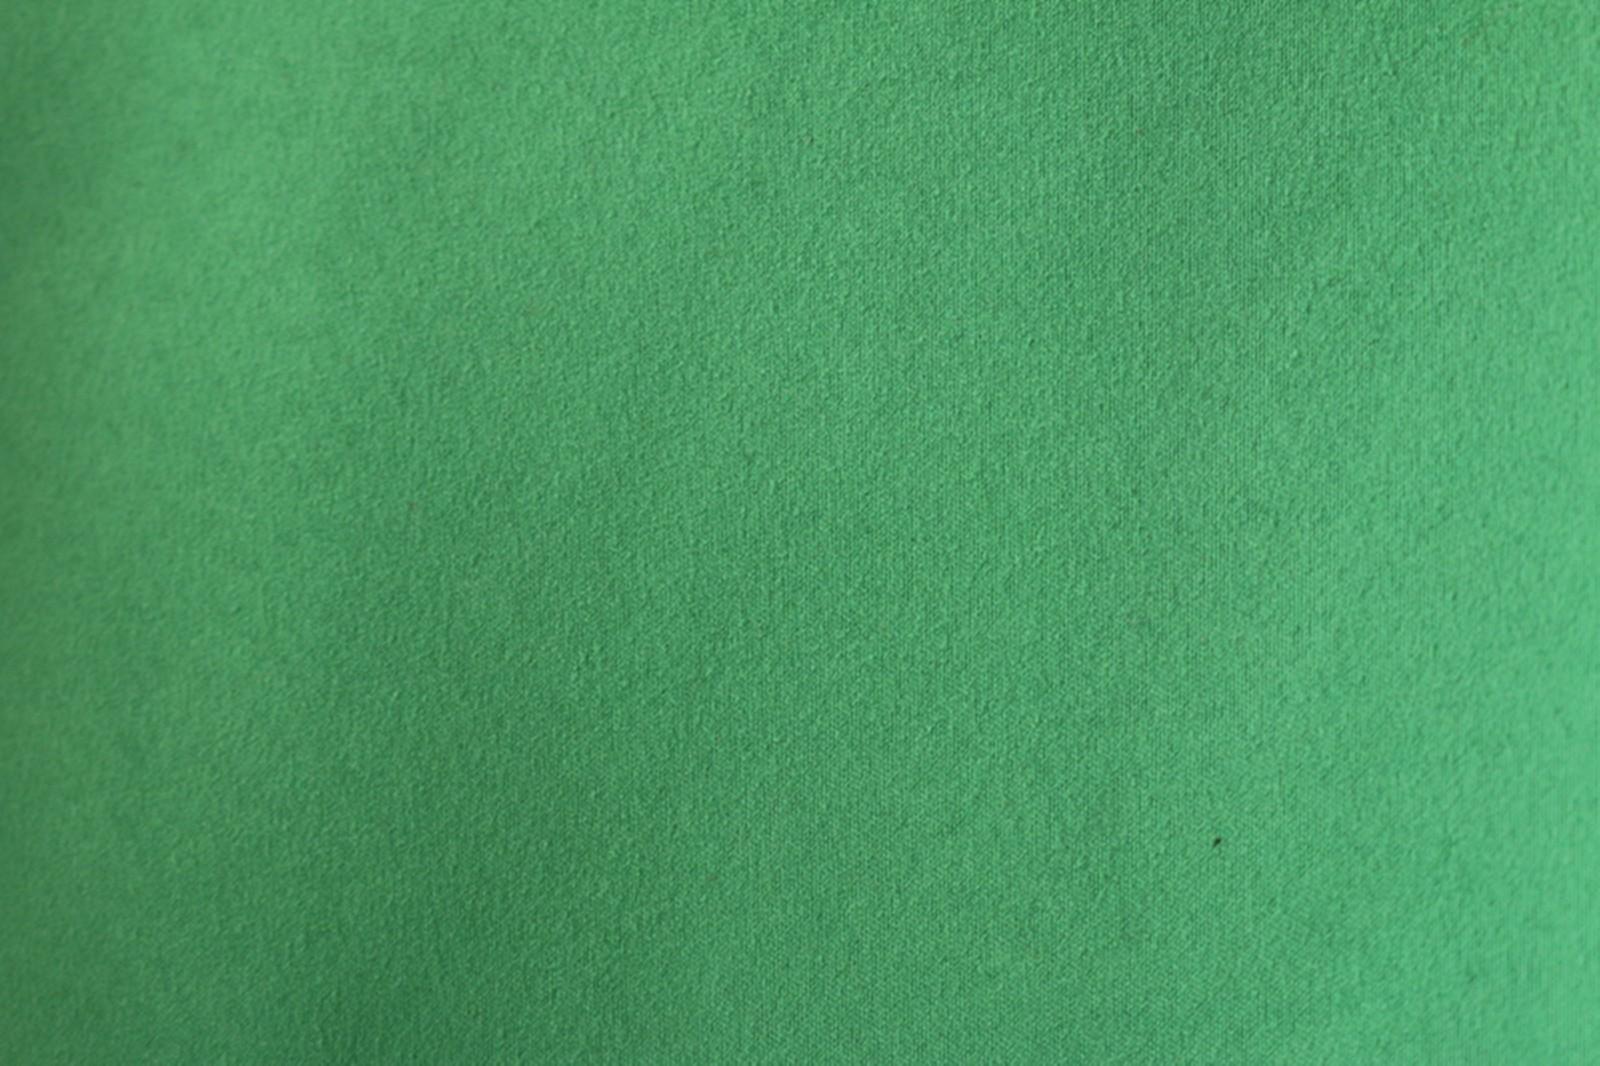 新款涤纶斜纹桃皮绒 儿童抱枕口袋面料 环保染色图片八